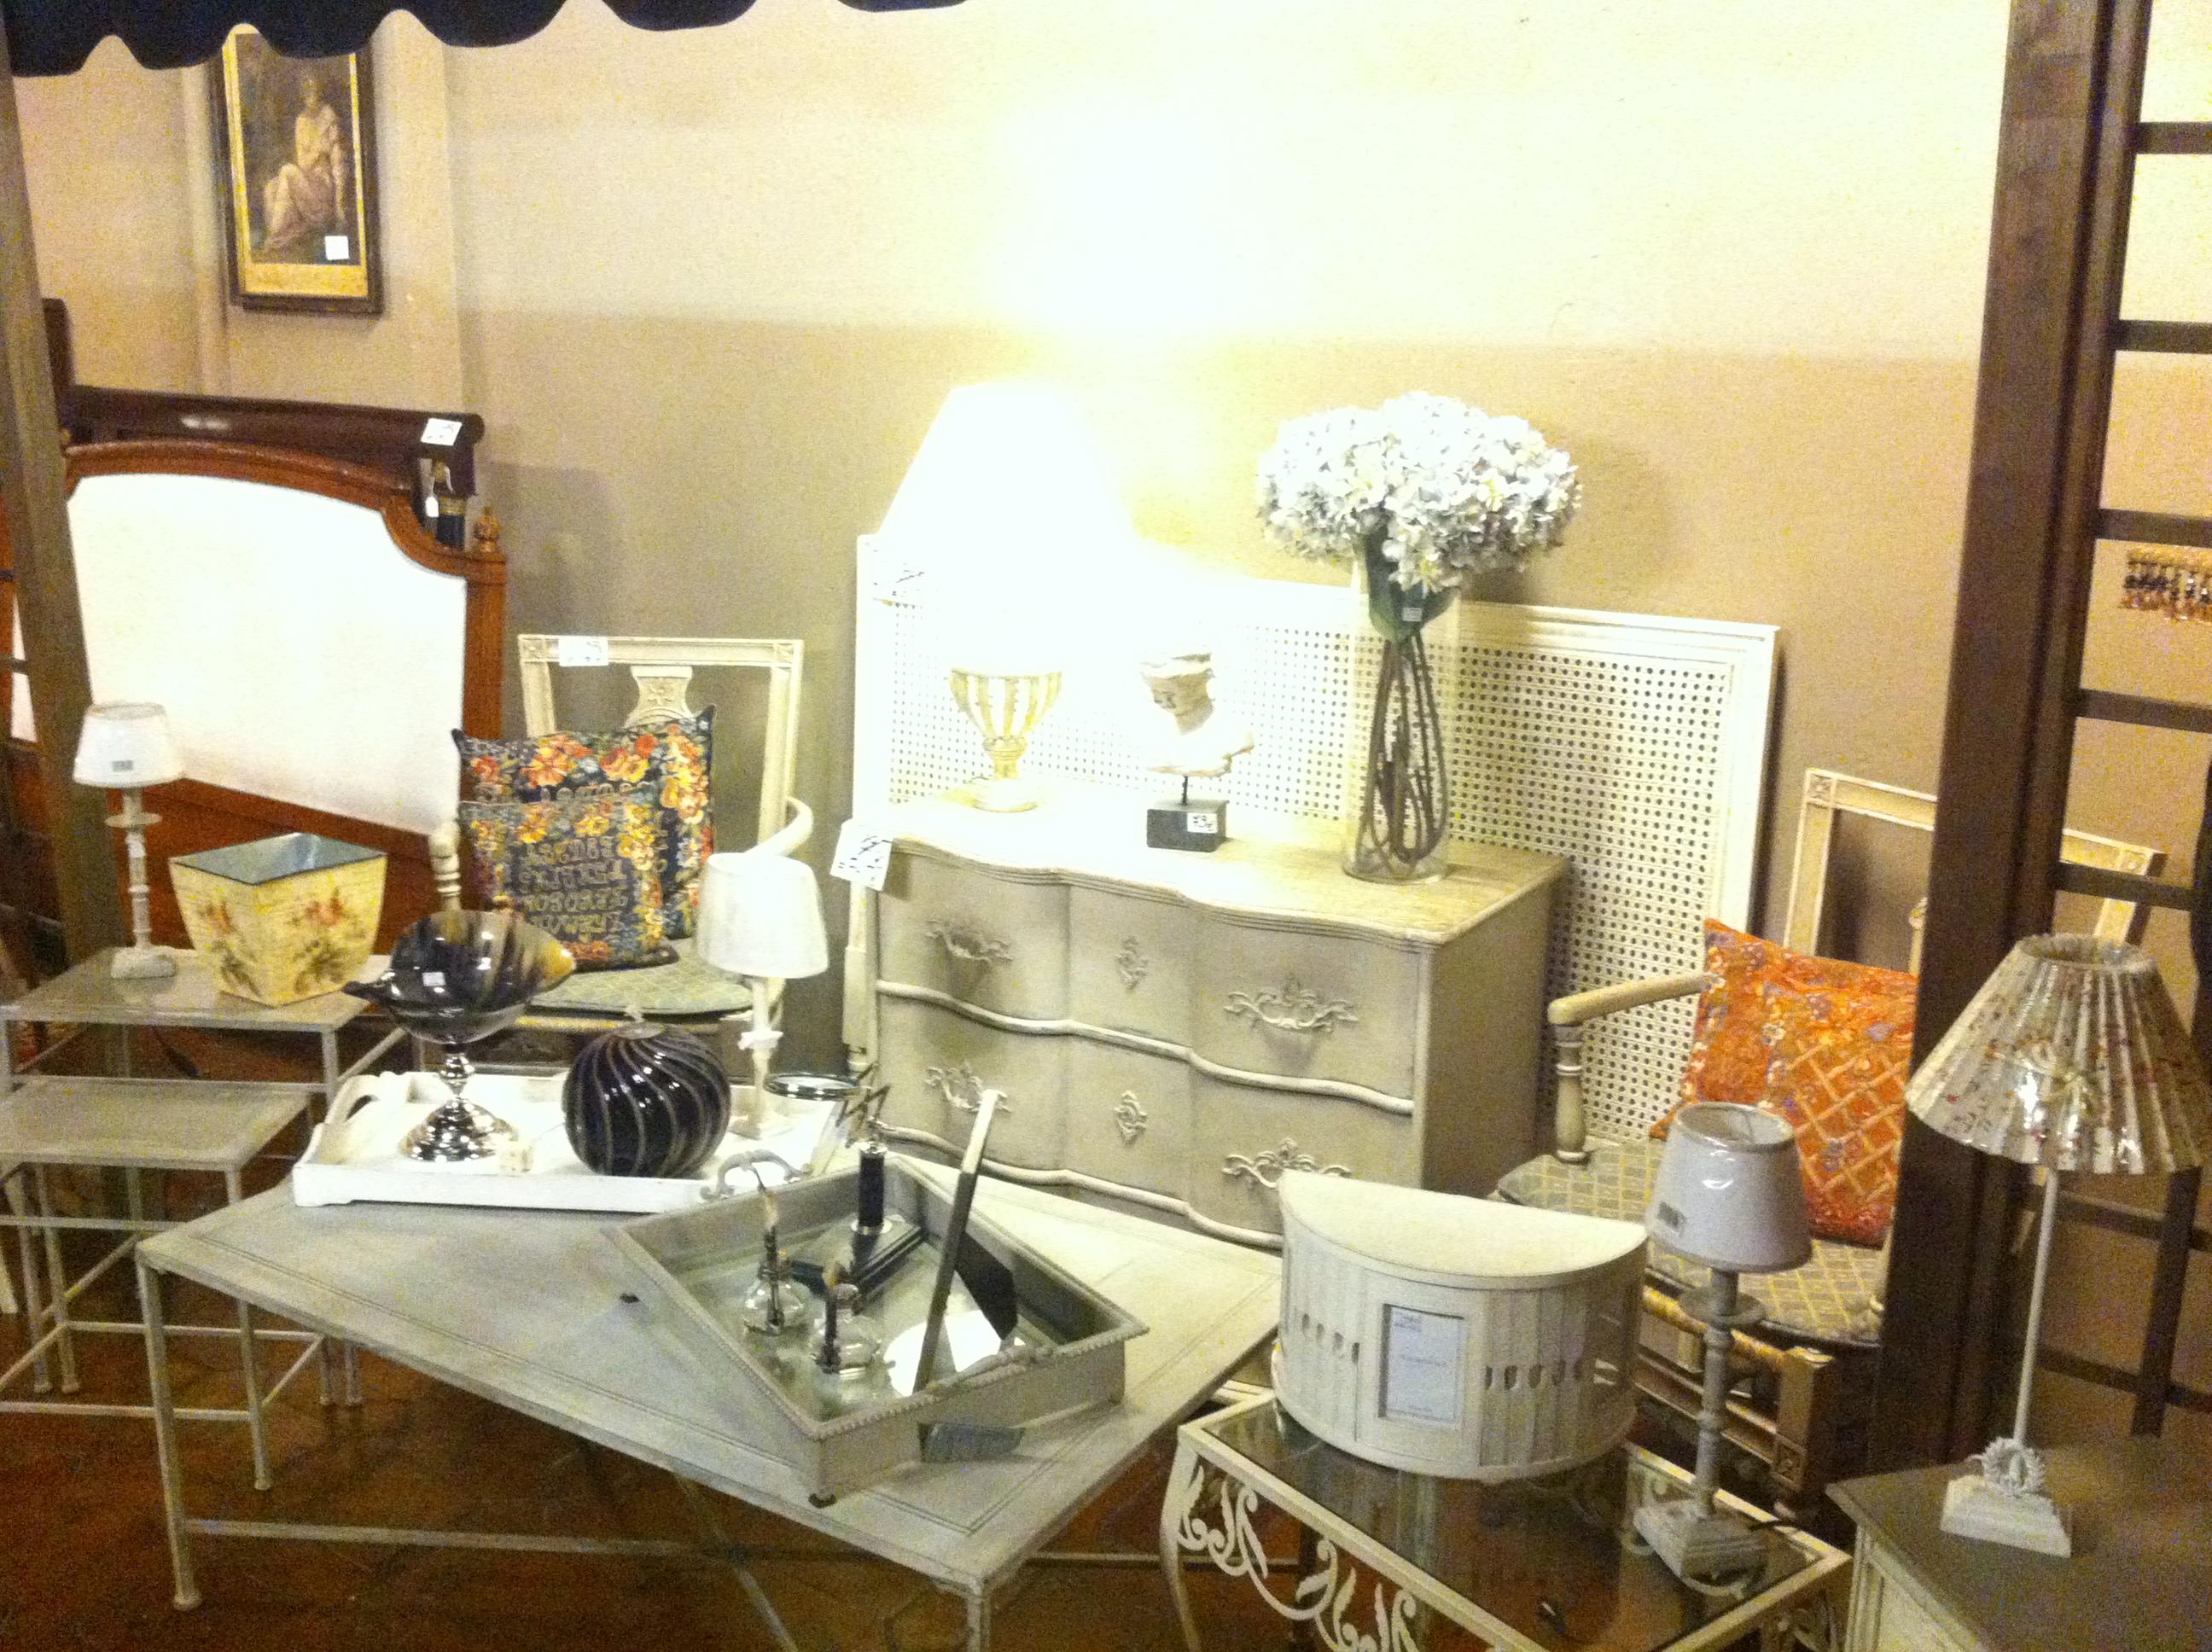 Muebles lacados y decapados - Muebles decoracion madrid ...